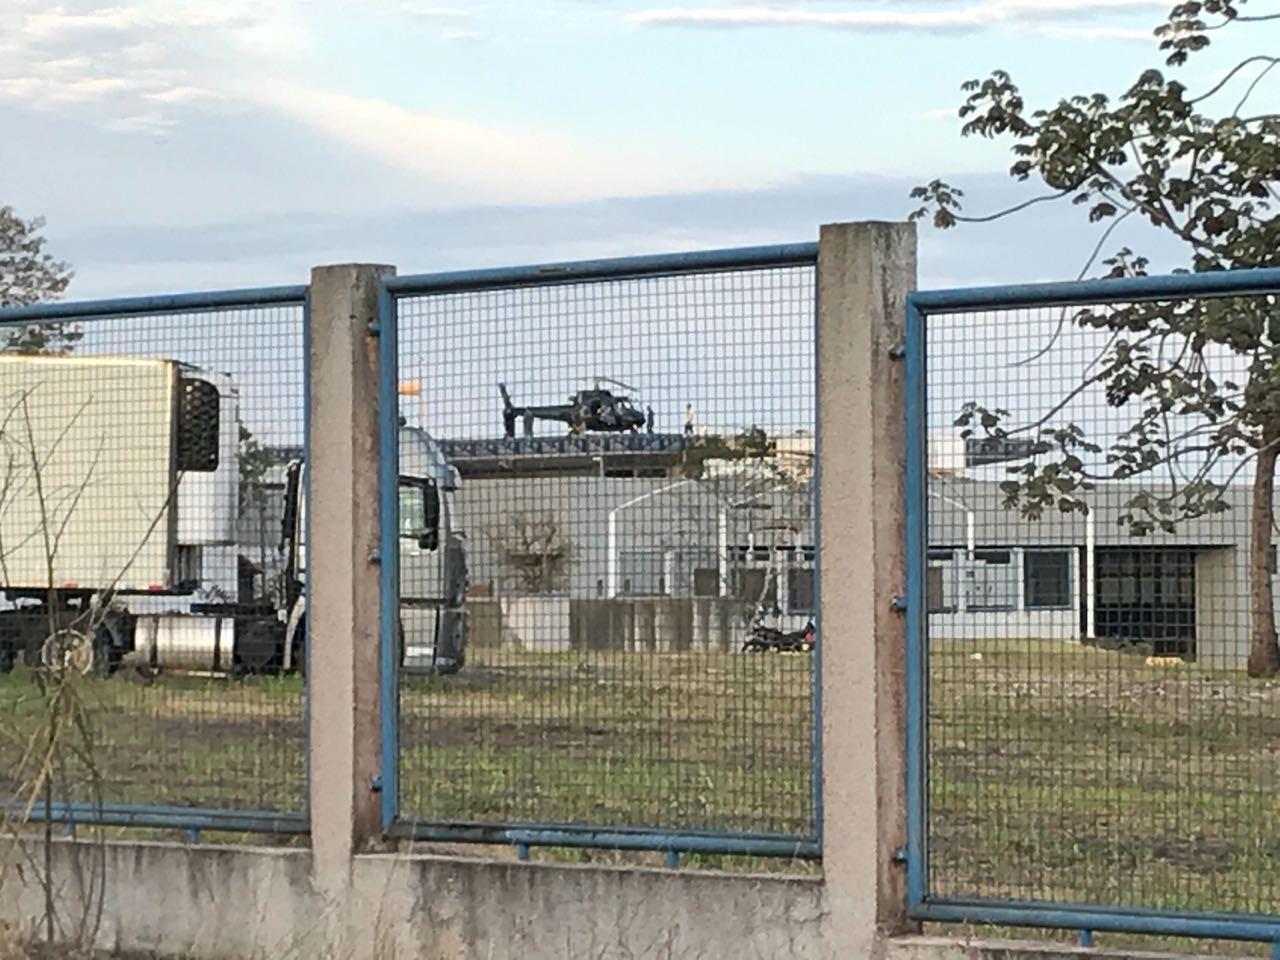 Chefe de facção que atua dentro e fora dos presídios brasileiros é transferido da PF em Foz do Iguaçu